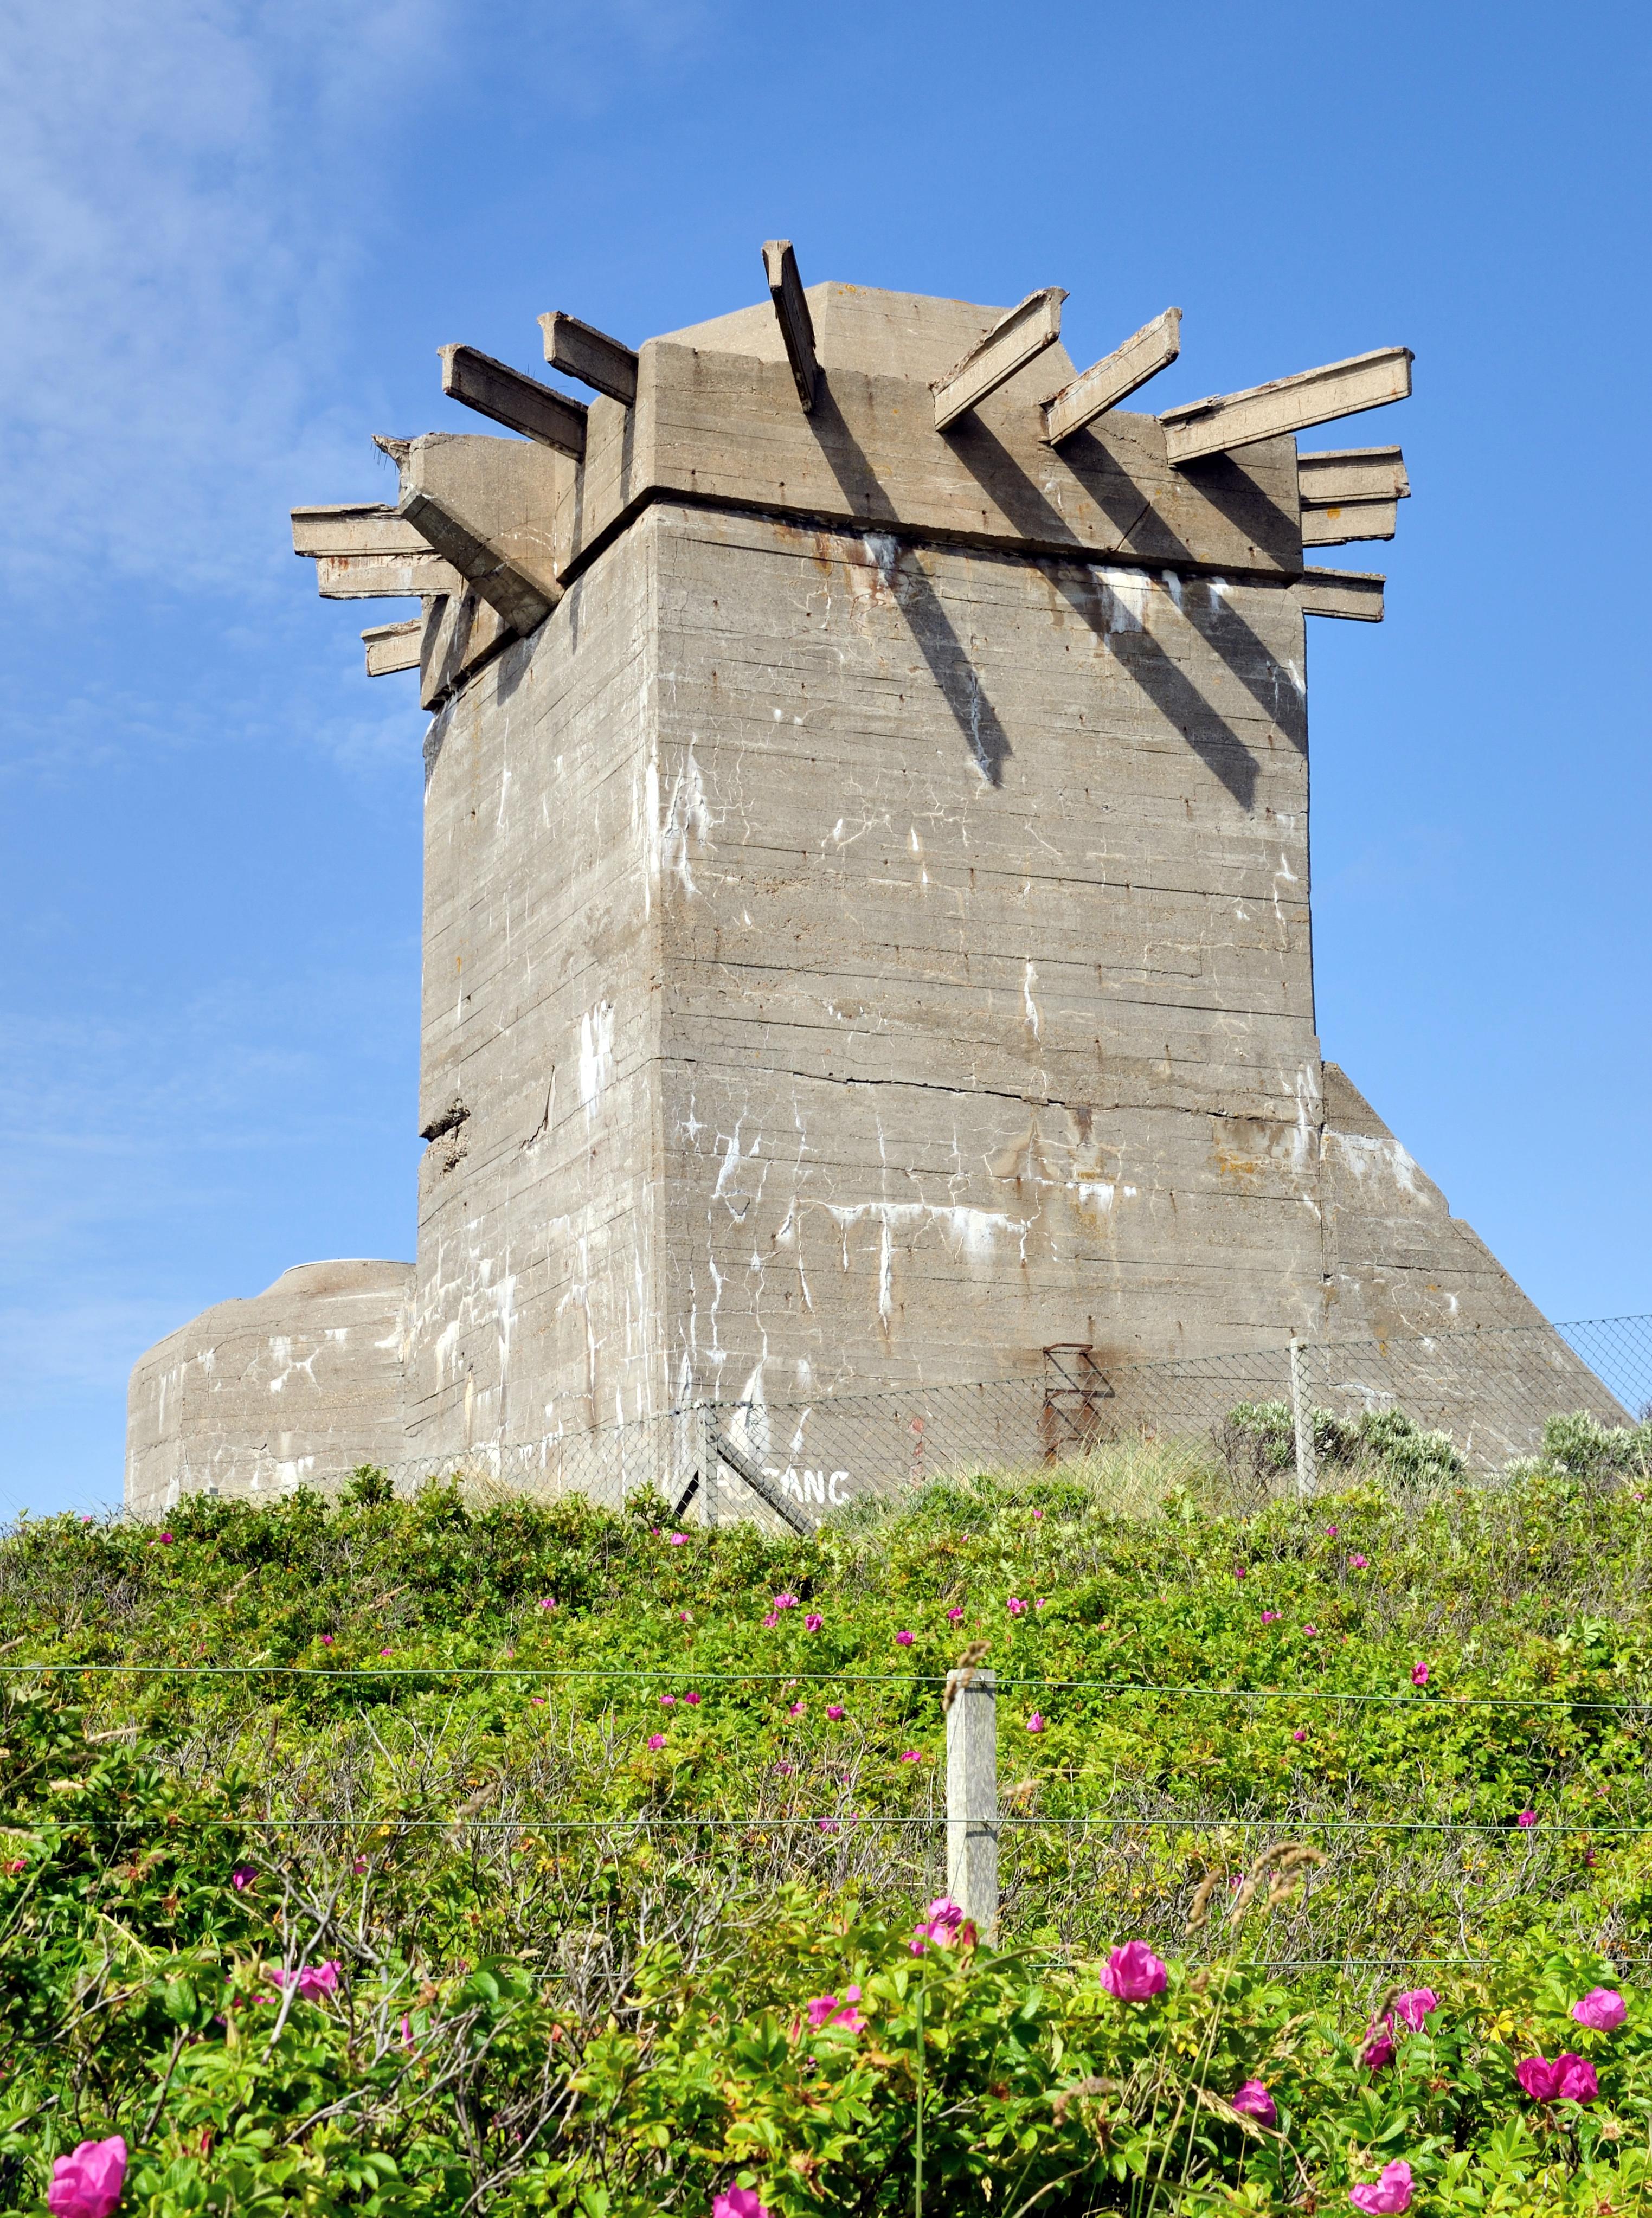 Bunker Atlantikwall Karte.File Blavand Bunker Atlantikwall3 Jpg Wikimedia Commons